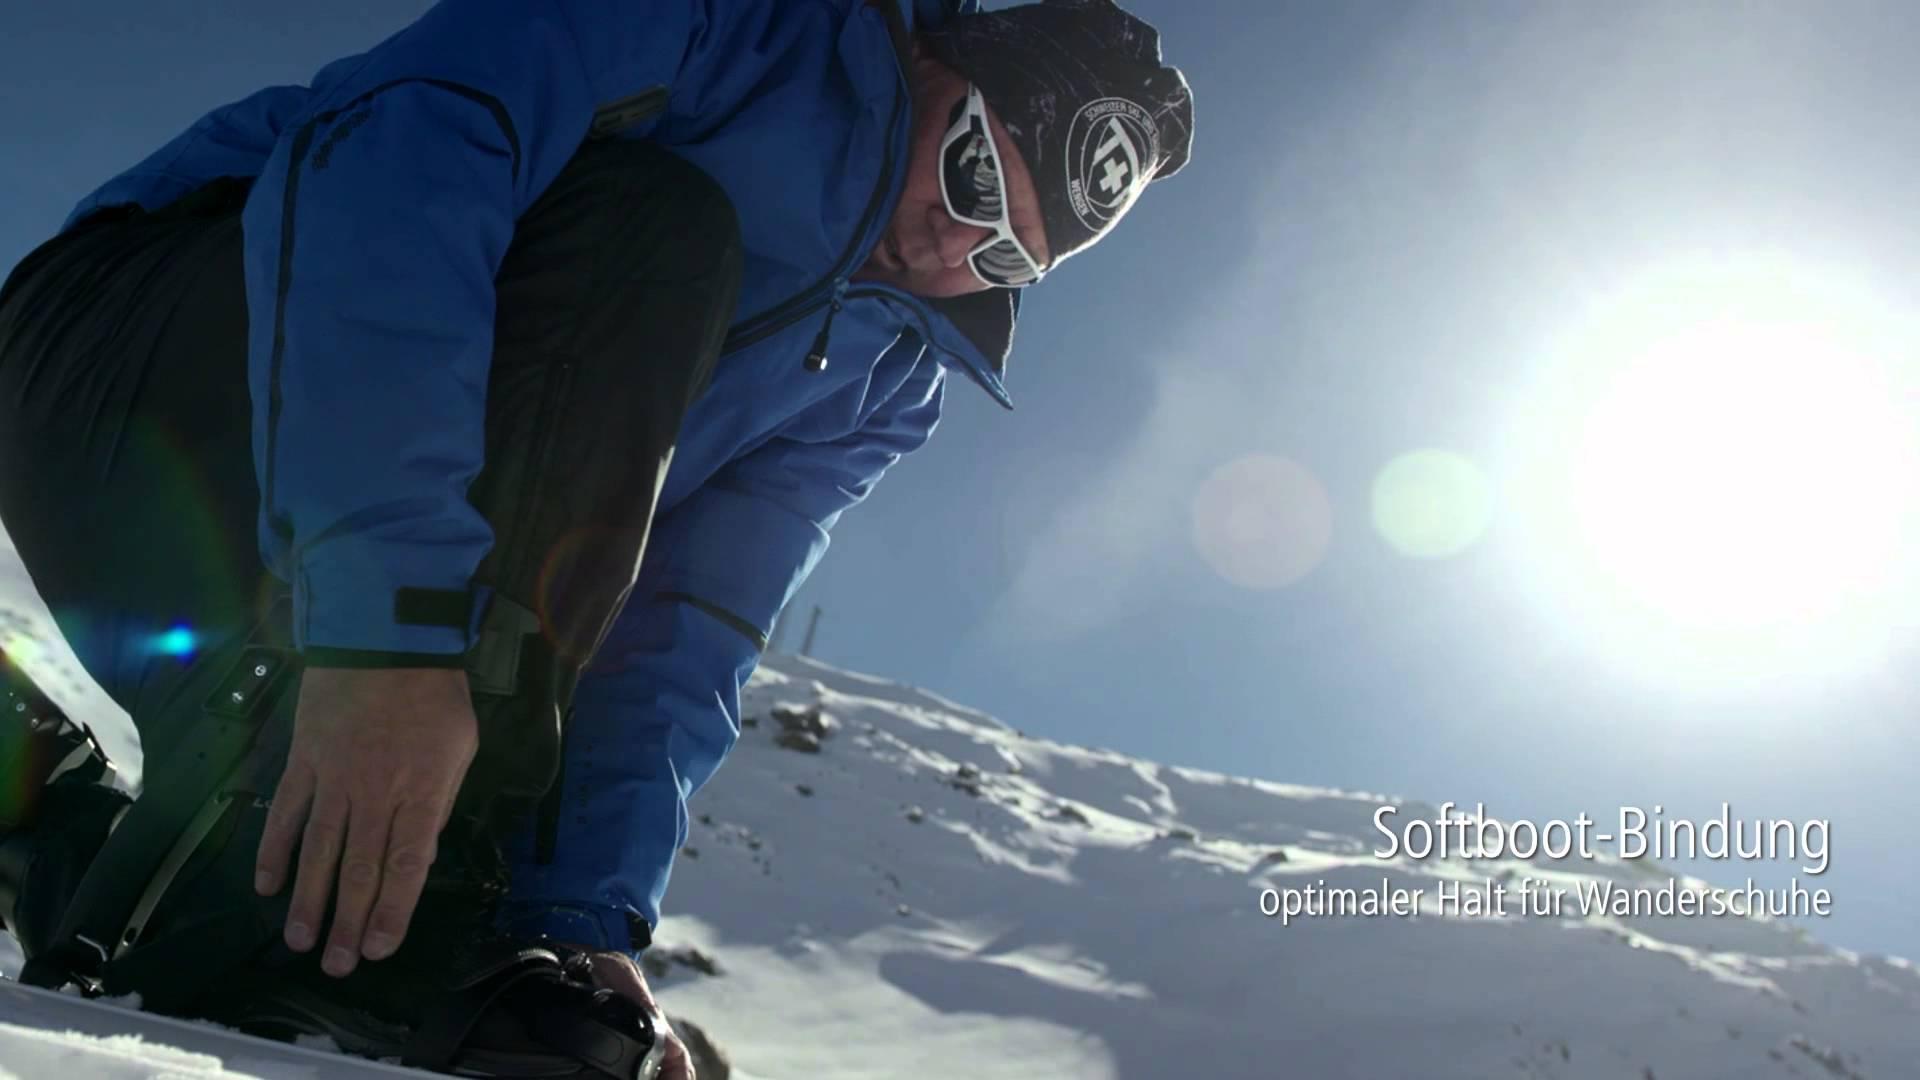 Ein Traum wird wahr: Touring Snowblades